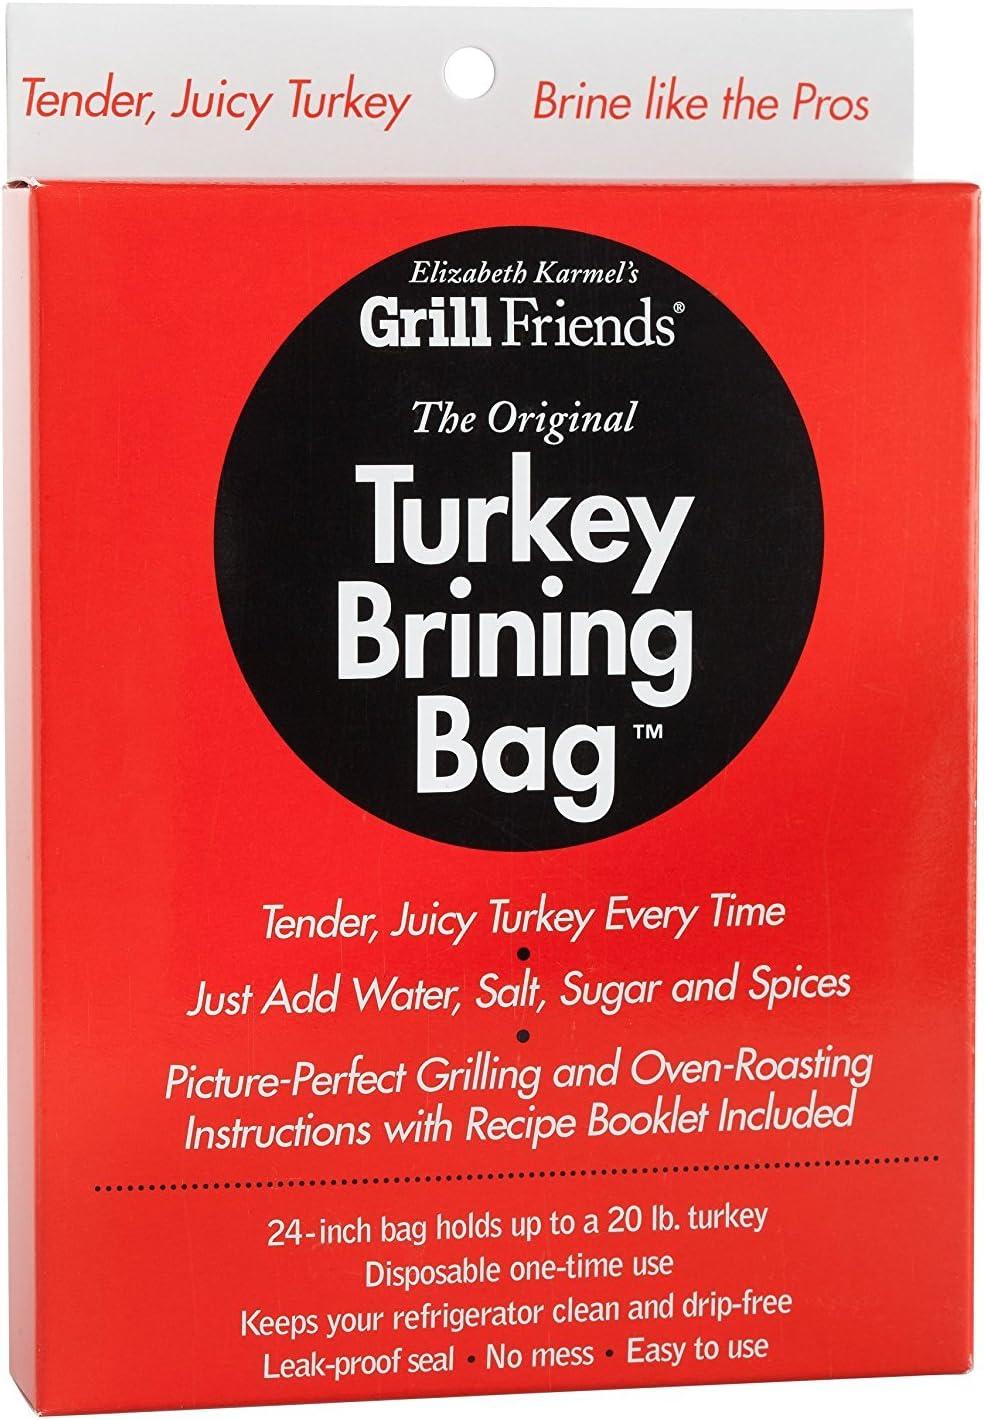 Elizabeth Karmel's Turkey Bag Sale item Brining Outlet SALE 24-inch